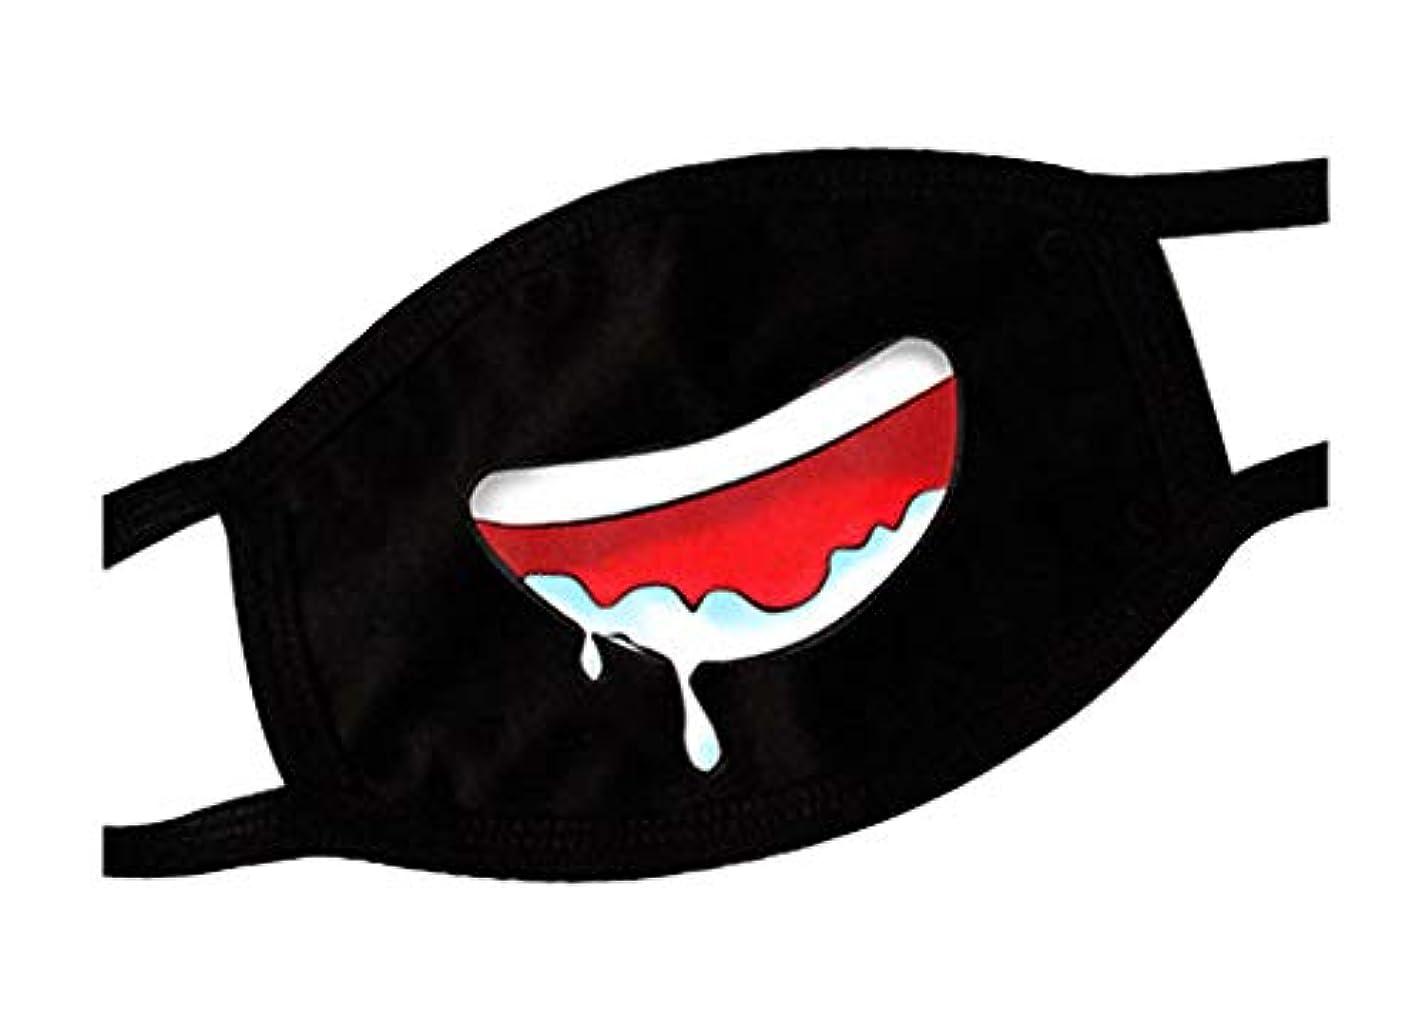 ドル請負業者勤勉なブラック面白い口のマスク、十代のかわいいユニセックスの顔の口のマスク、F2